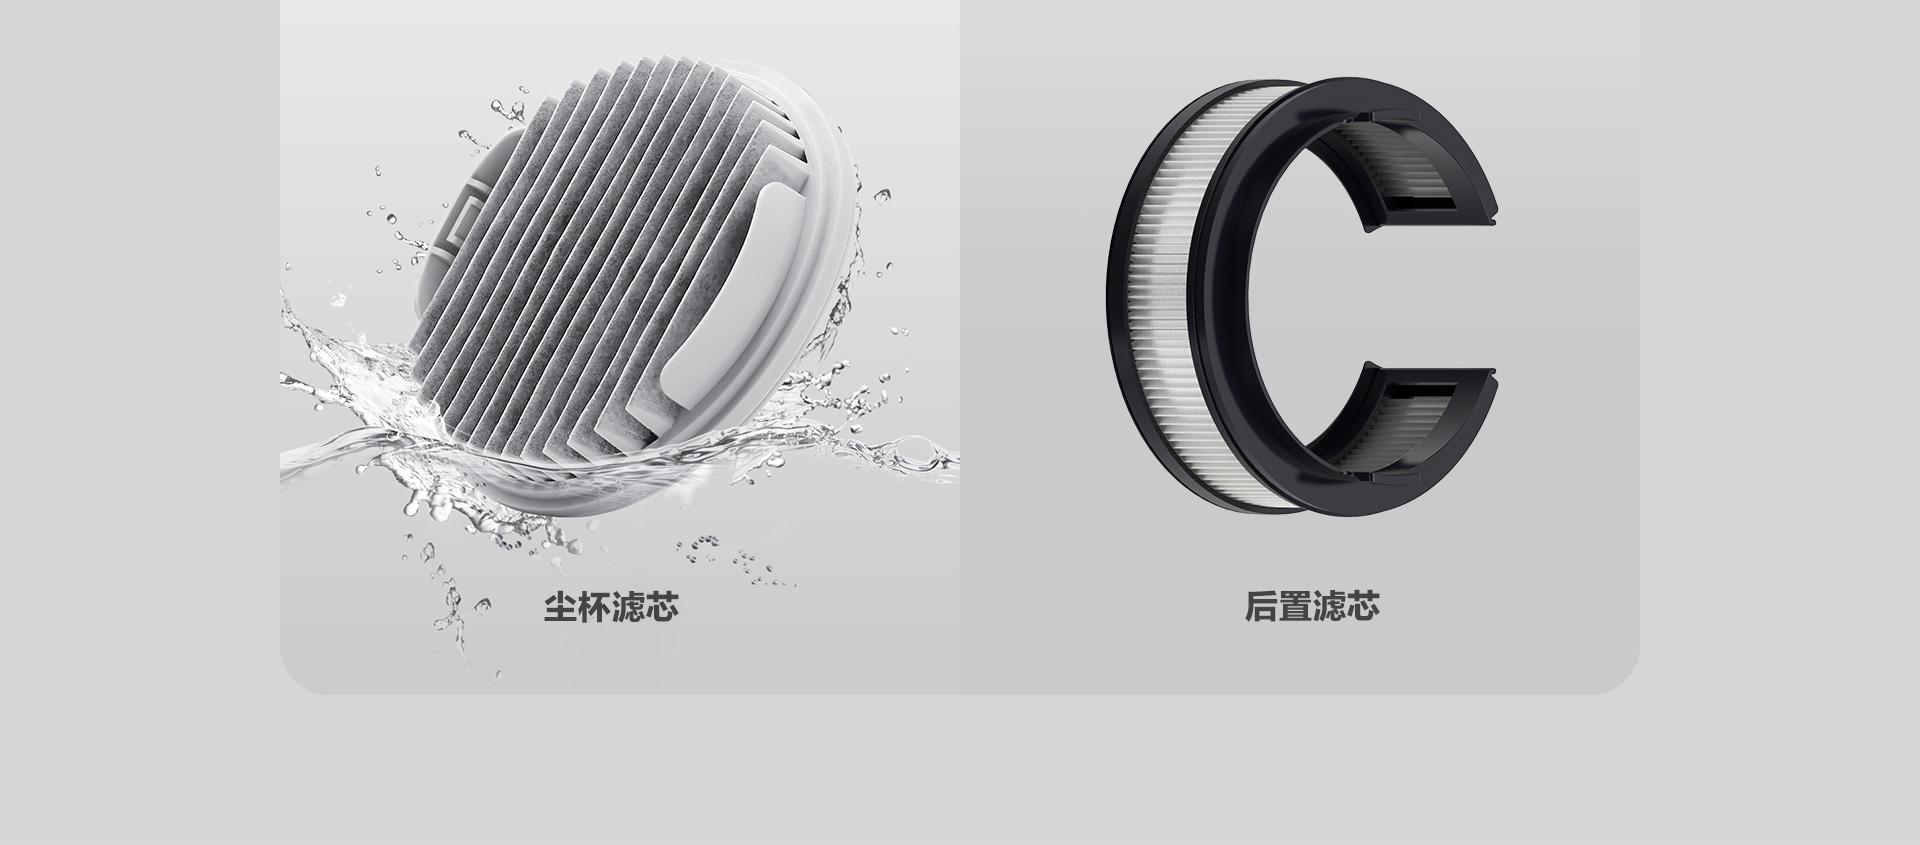 睿米手持无线吸尘器的尘杯滤芯和后置滤芯的细节图片